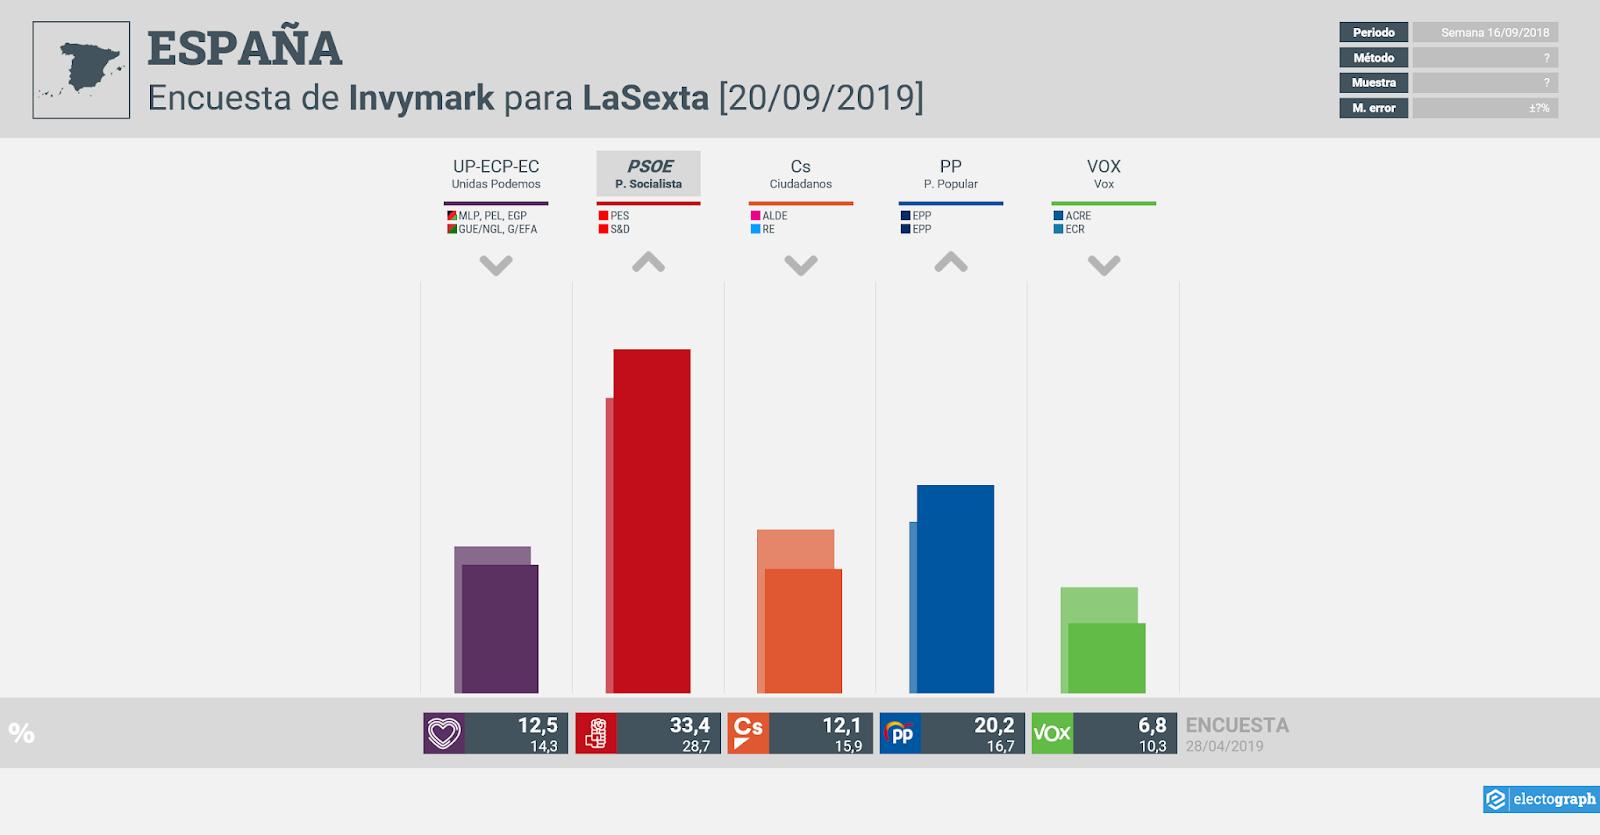 Gráfico de la encuesta para elecciones generales en España realizada por Invymark para LaSexta, 20 de septiembre de 2019